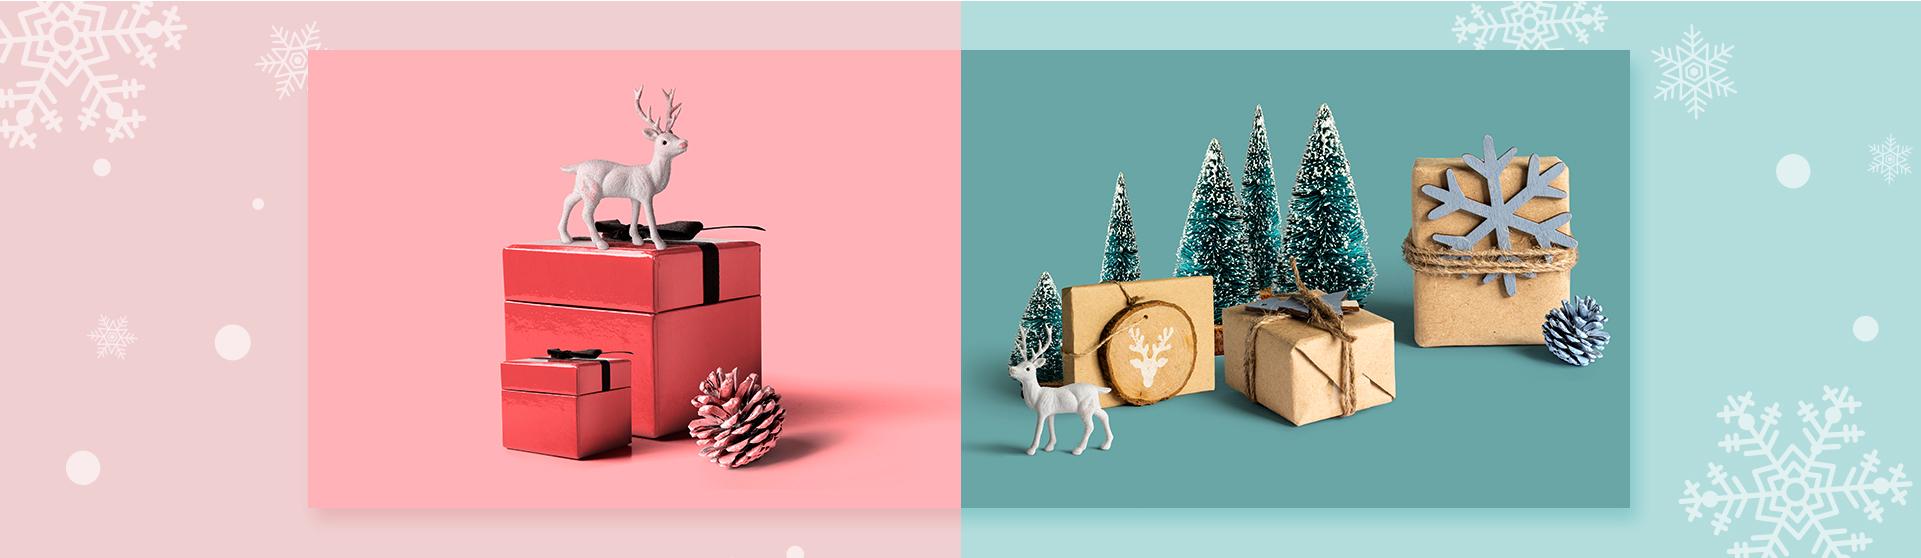 순록과 크리스마스 선물 박스